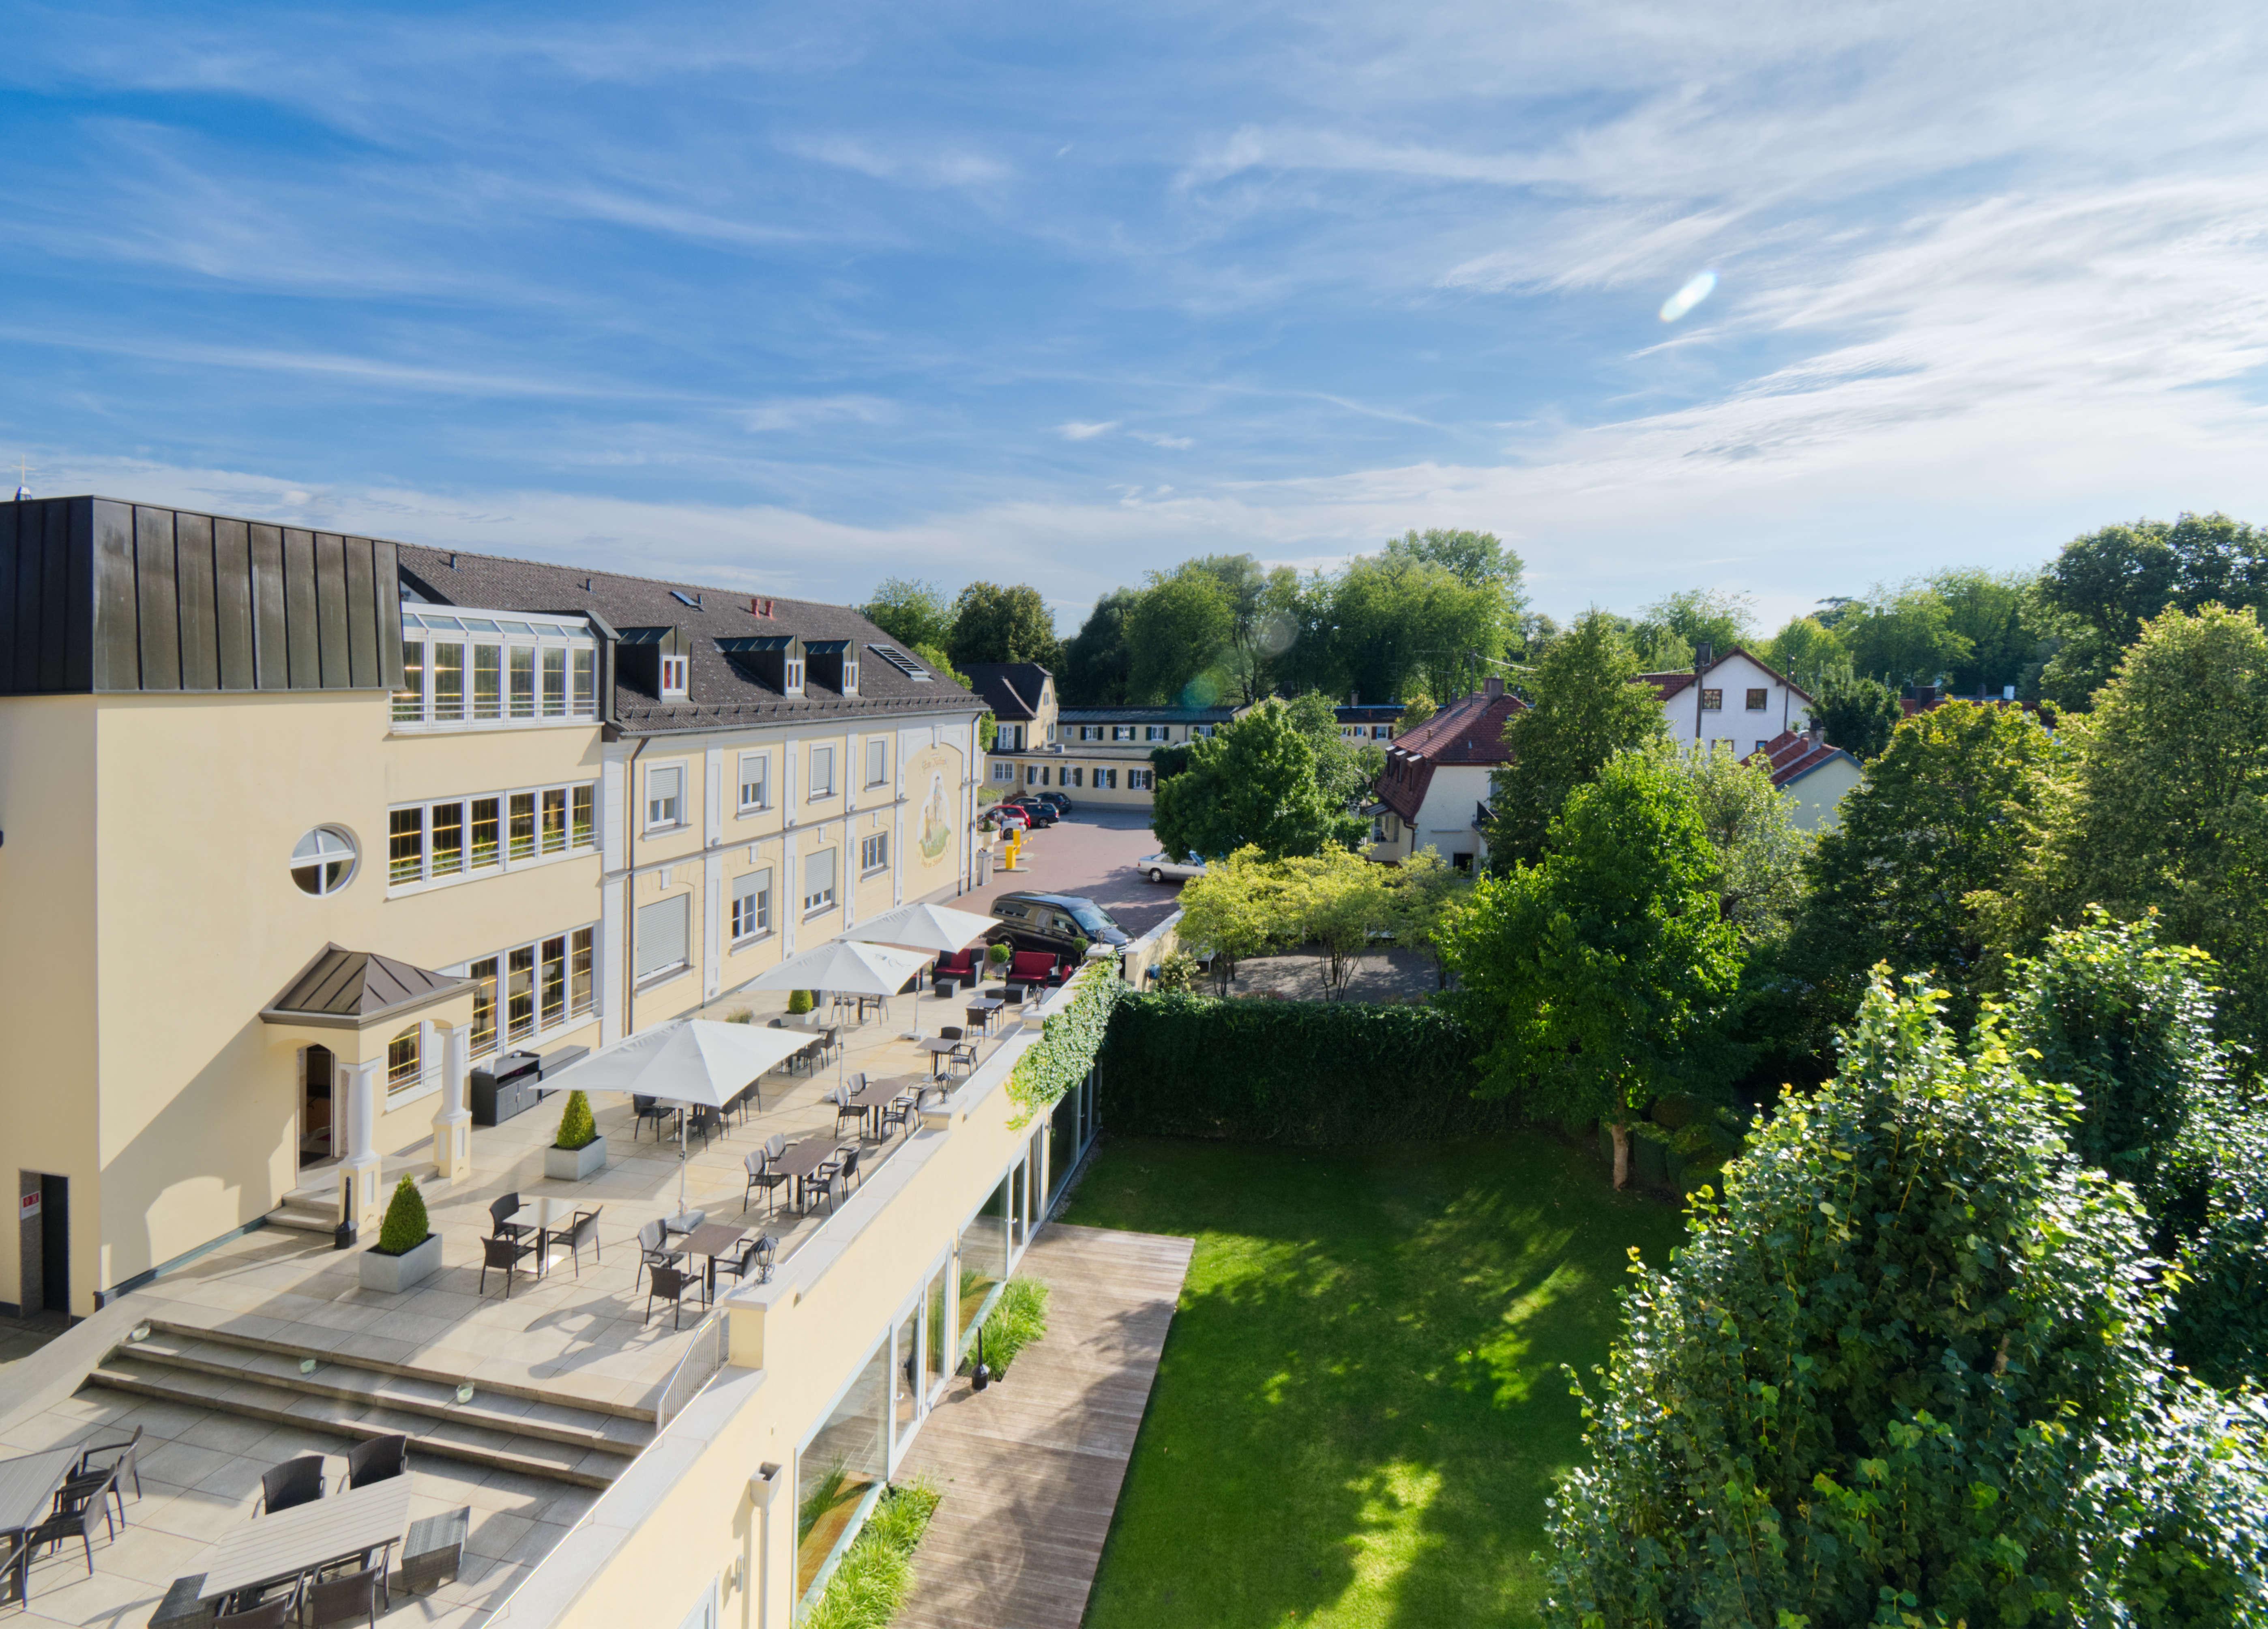 Hotel am Schlosspark zum Kurfürst Main house and sun terrace